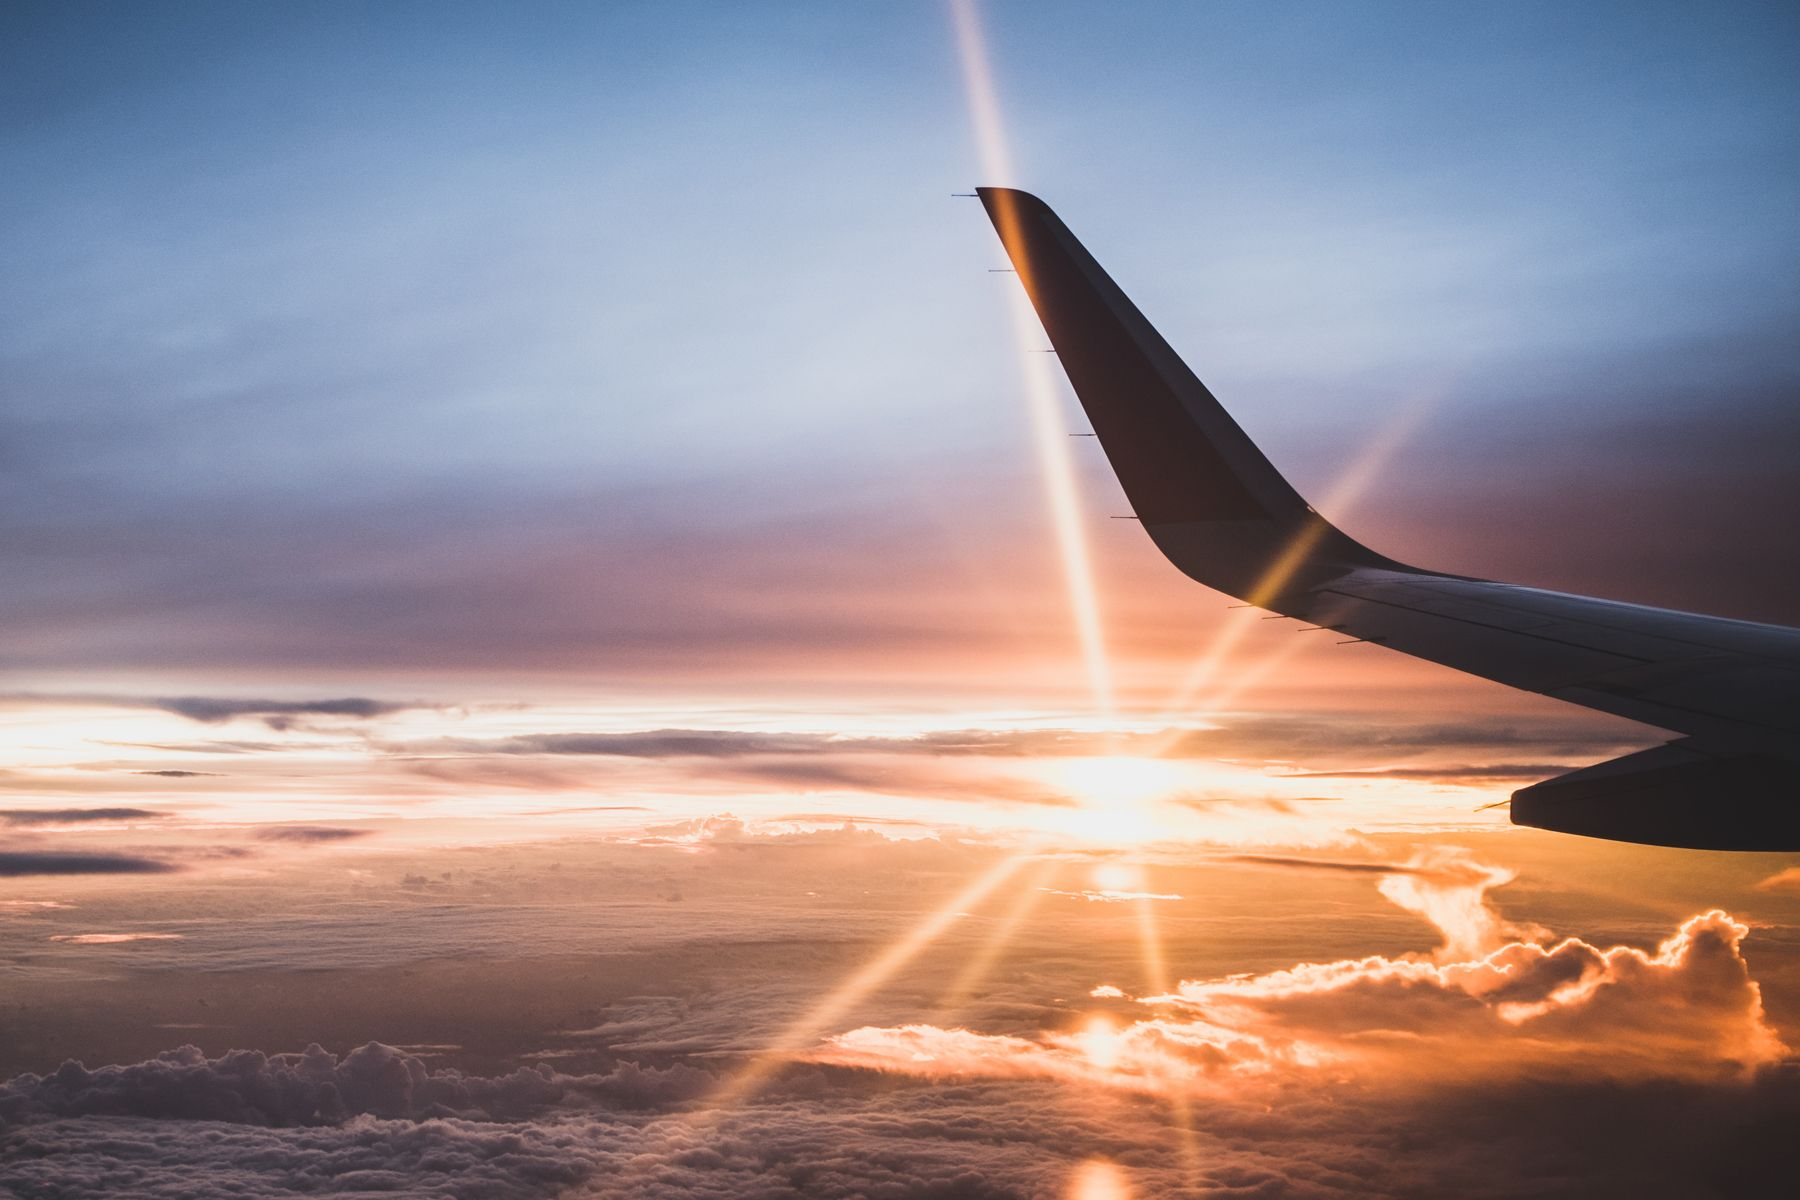 Numerosas aerolíneas conectan a diario España e Italia